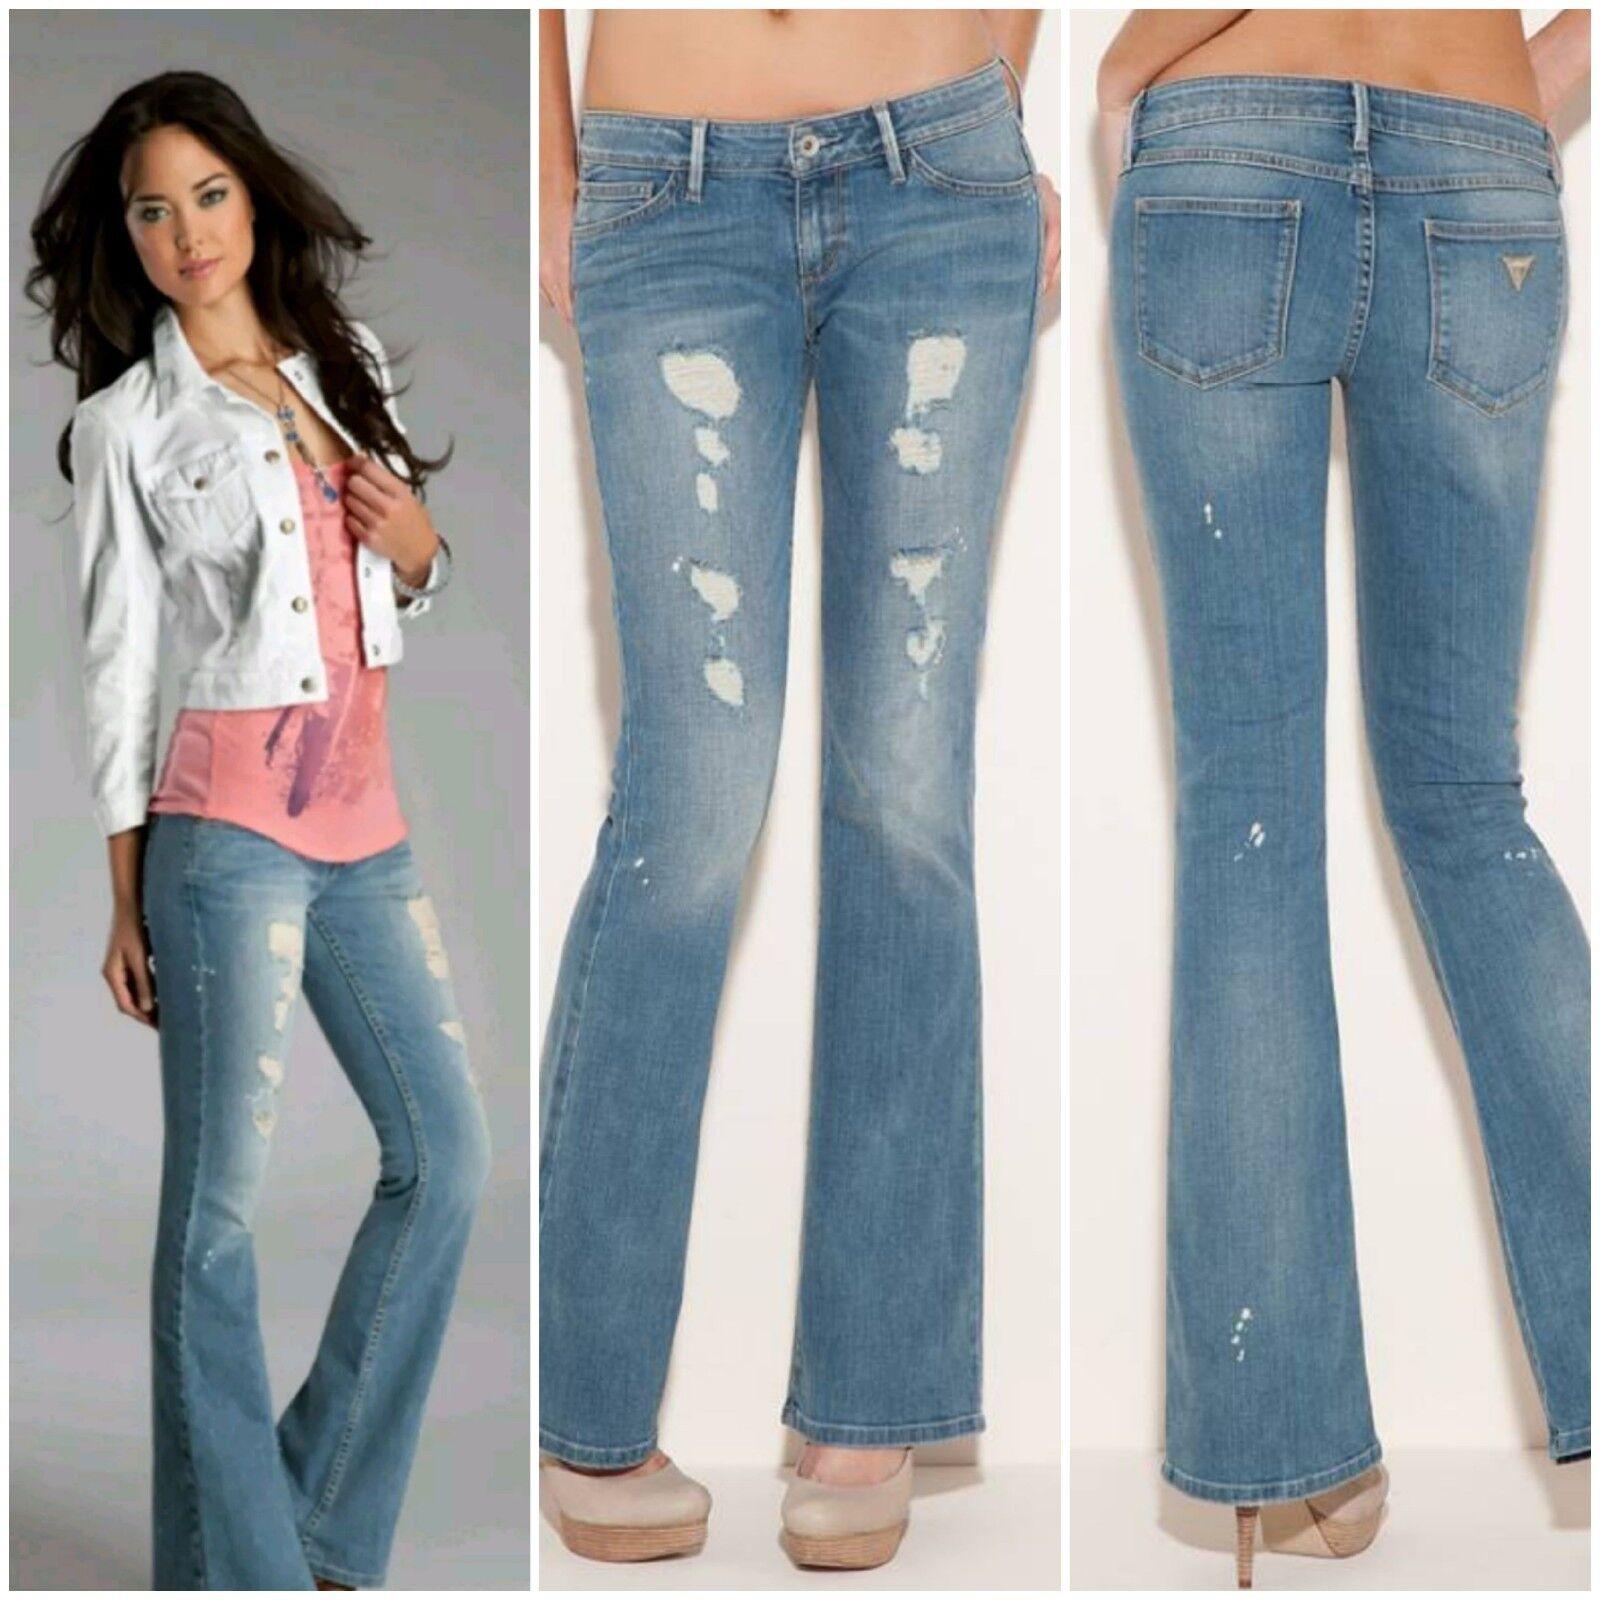 NWT GUESS Mini Flare bluee Jeans pants Boho 2 Wash size 24